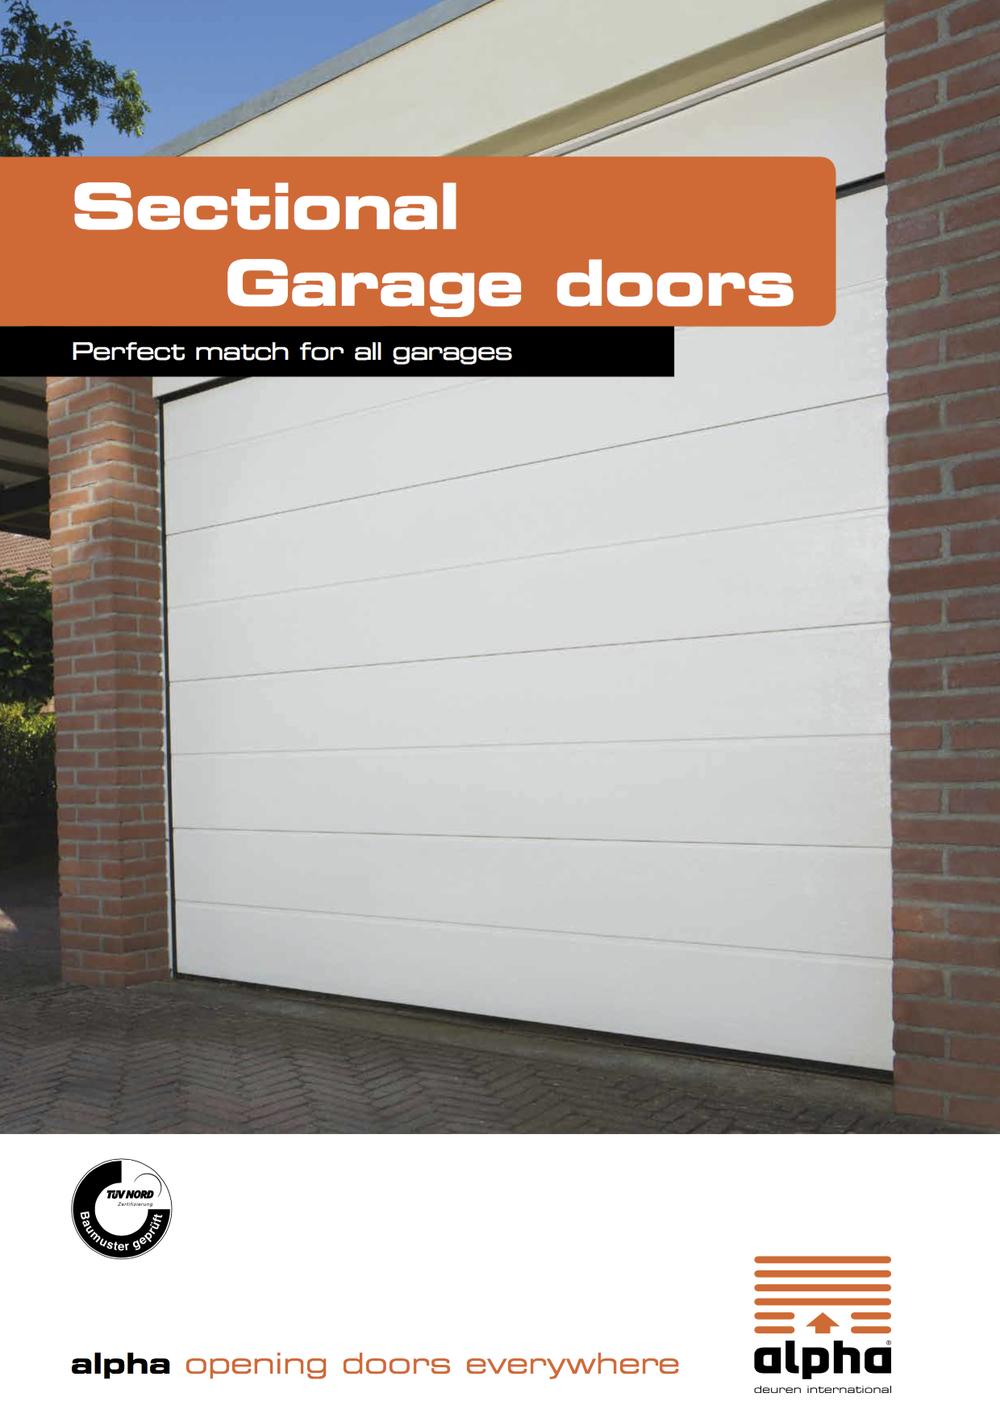 Sectional Garage Doors Buyer's Guide